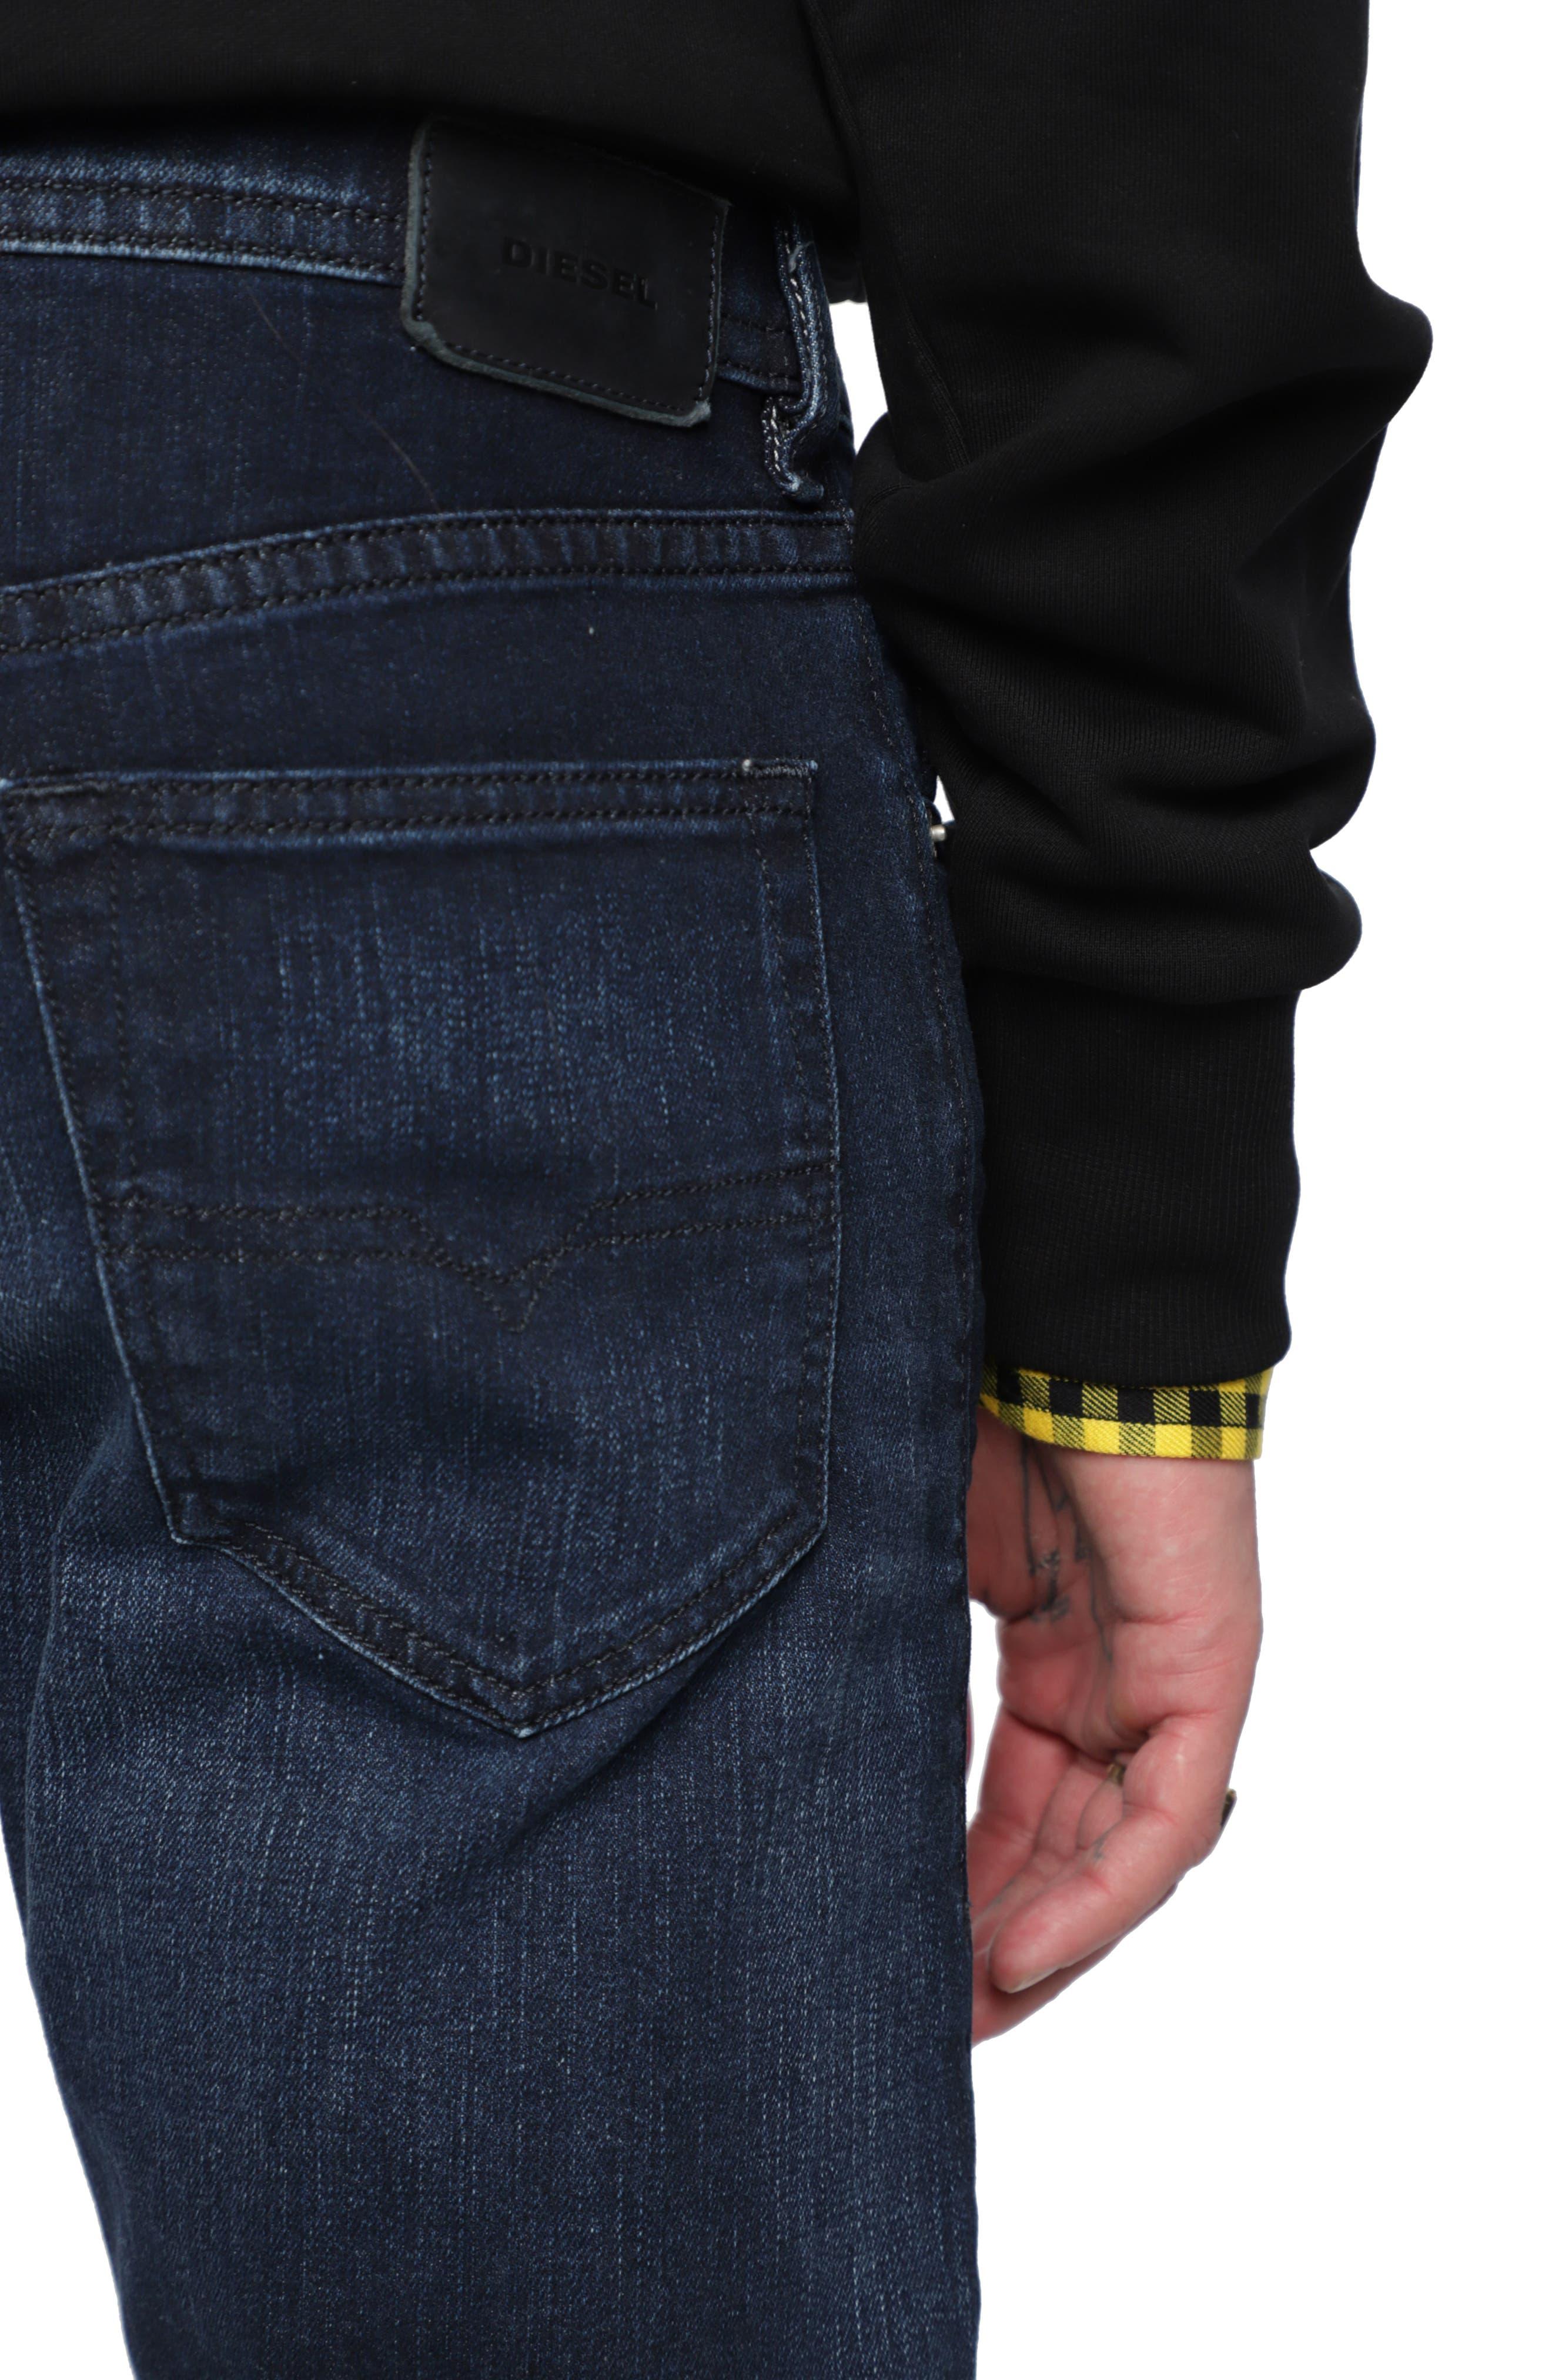 Buster Slim Straight Leg Jeans,                             Alternate thumbnail 4, color,                             400